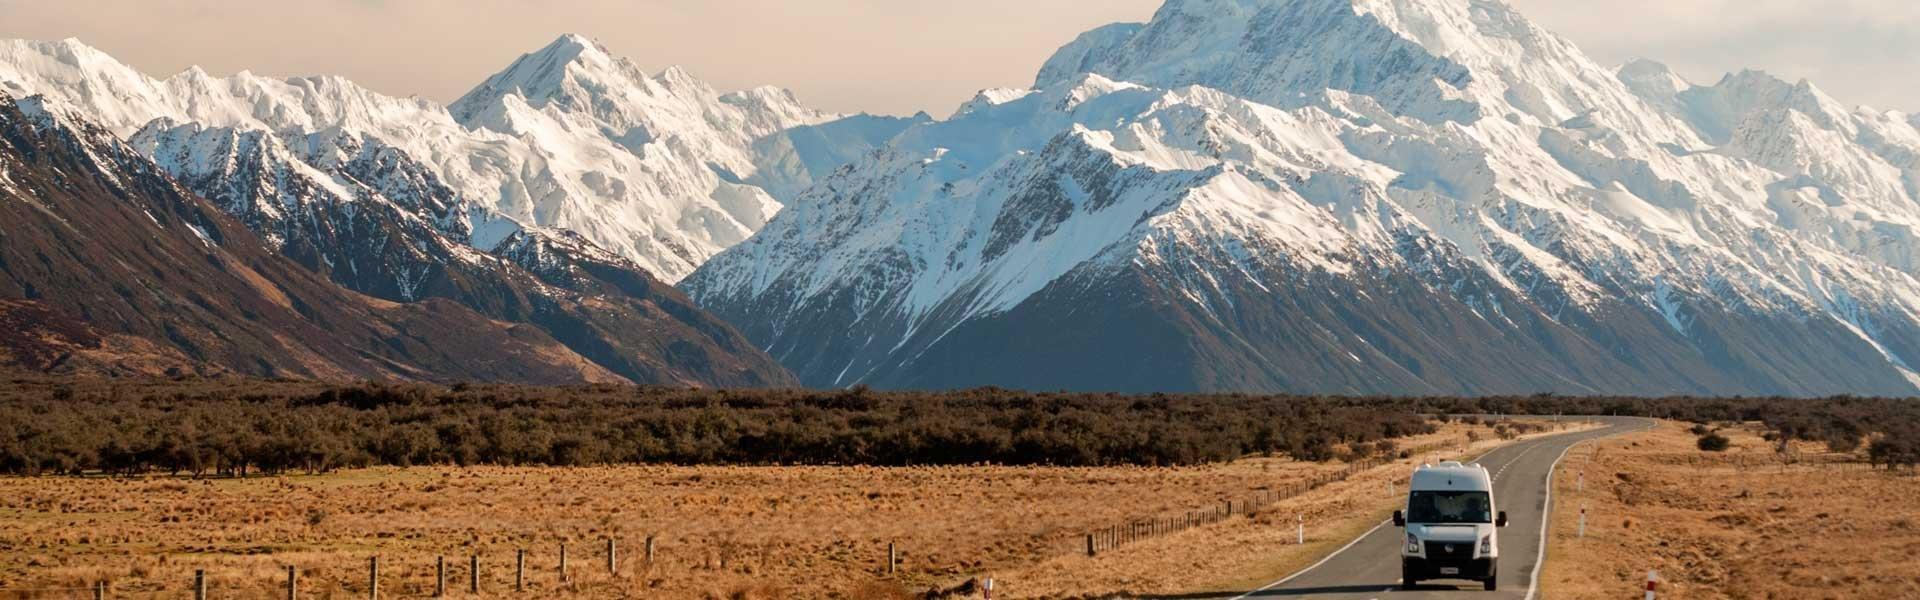 Ga op camperreis door Nieuw-Zeeland in een camper van Cheapa Campa